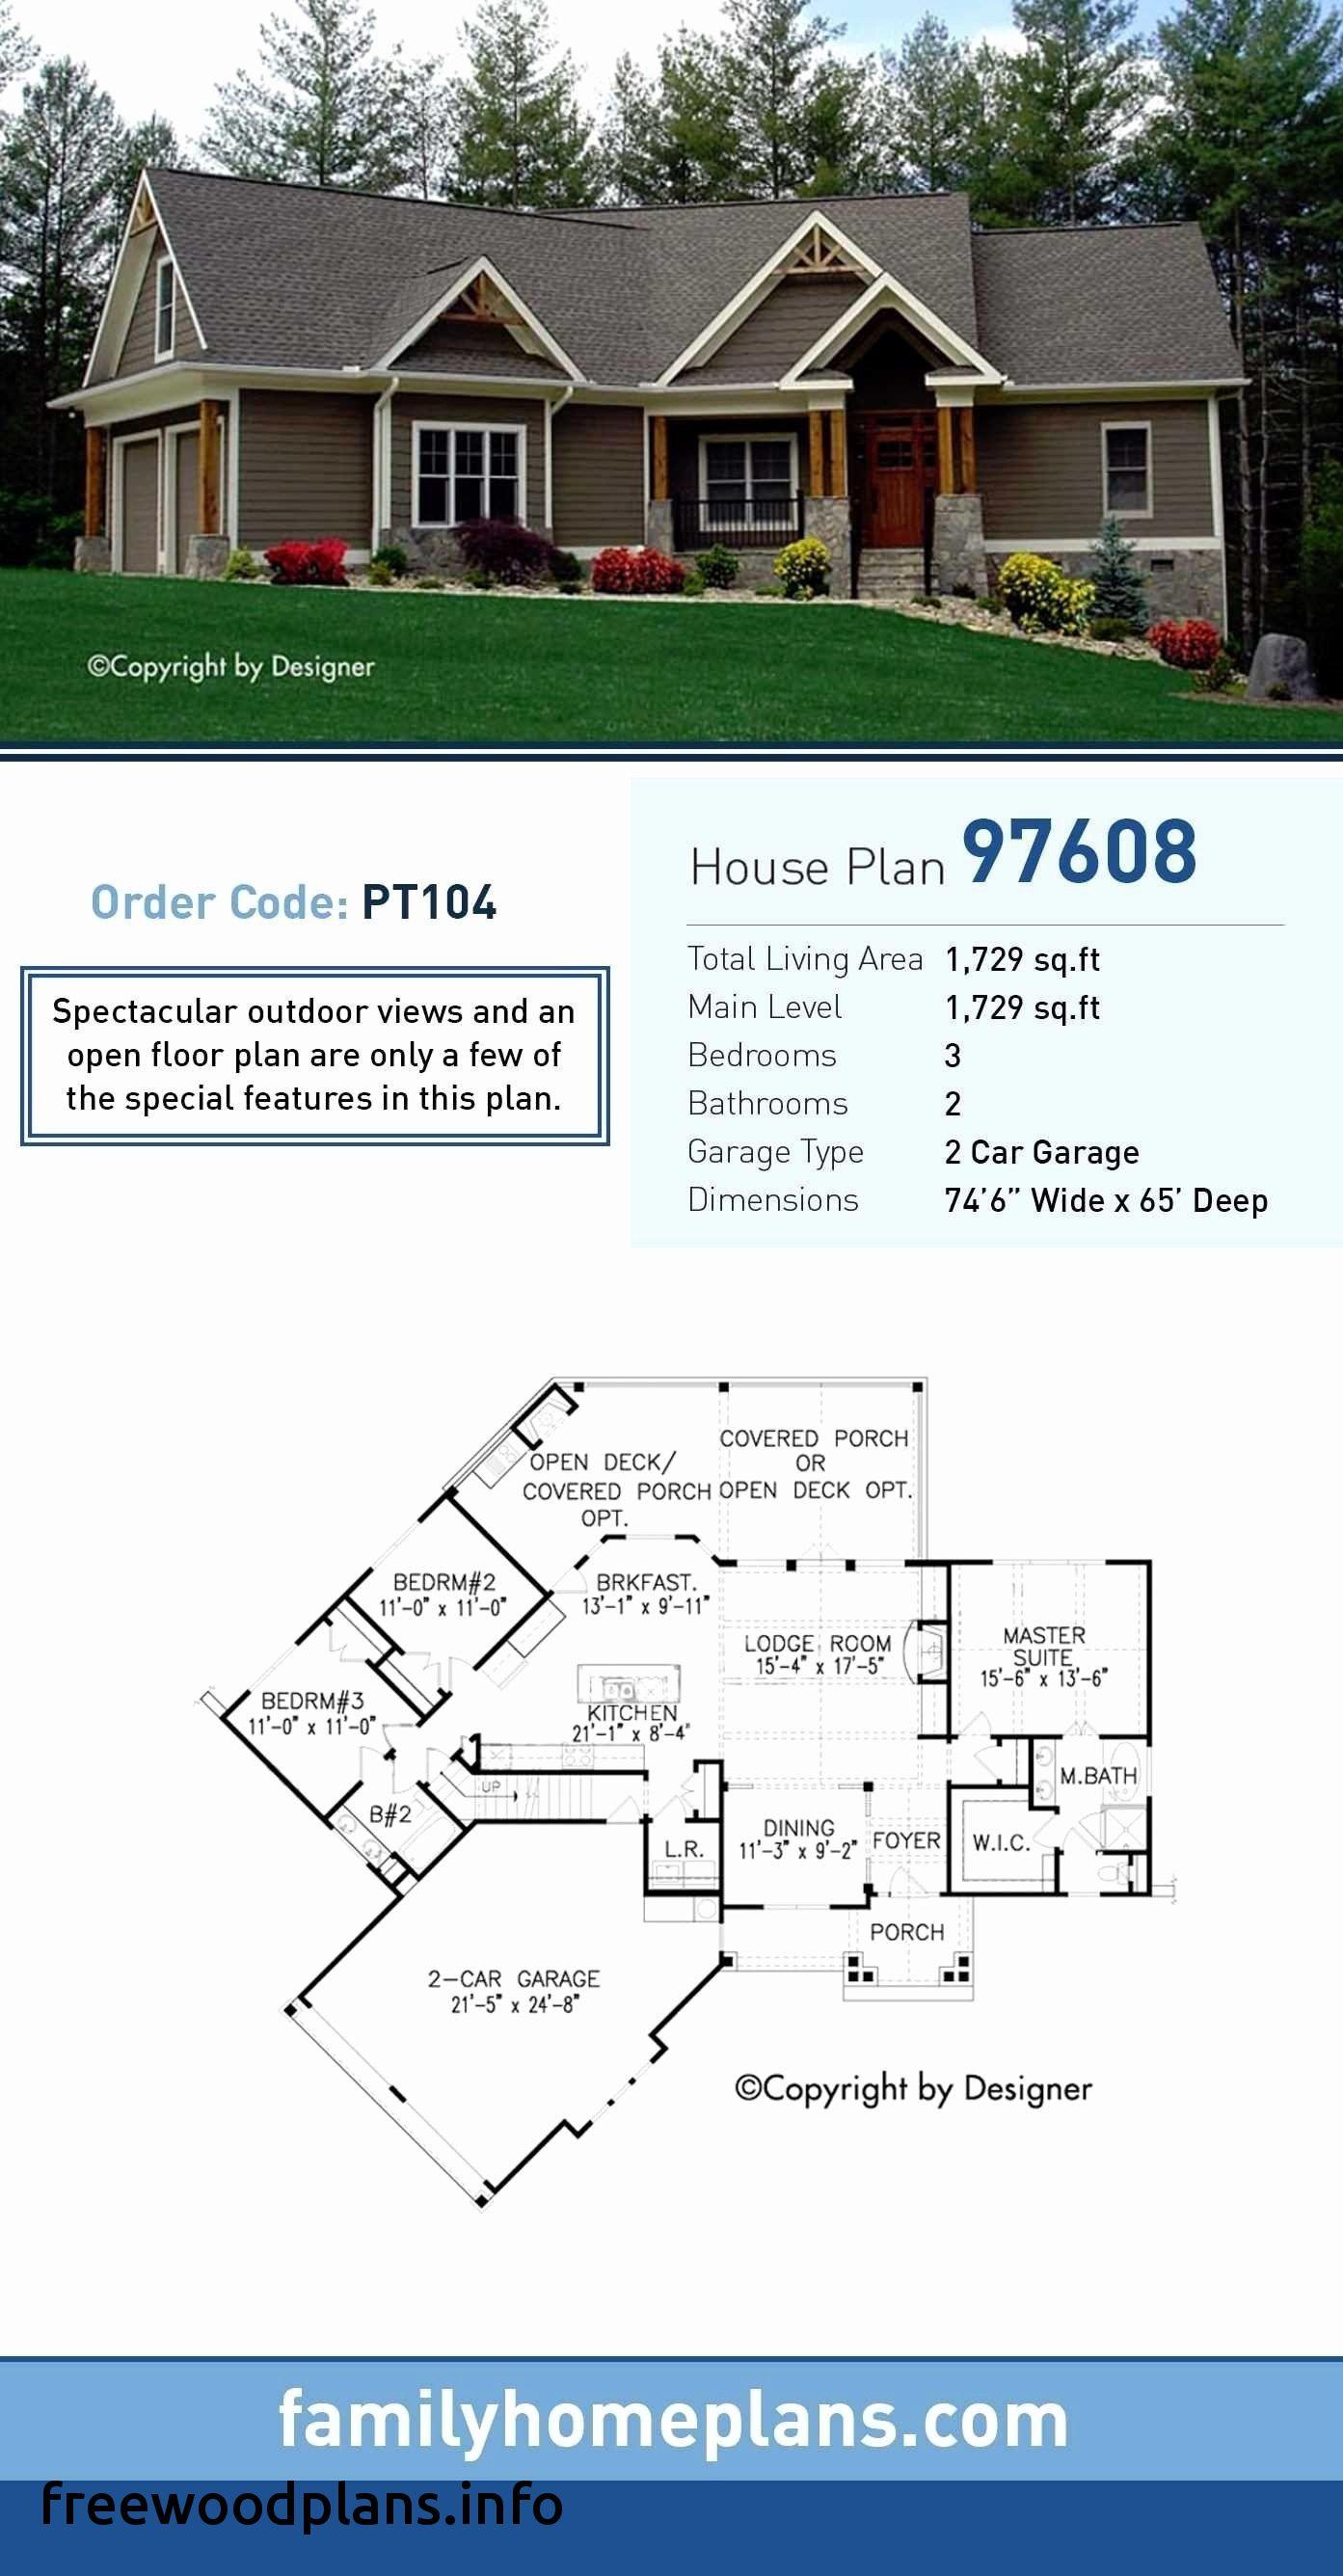 70 Woodwork Bench Plans 2018 Craftsman House Plans House Blueprints House Plans Farmhouse